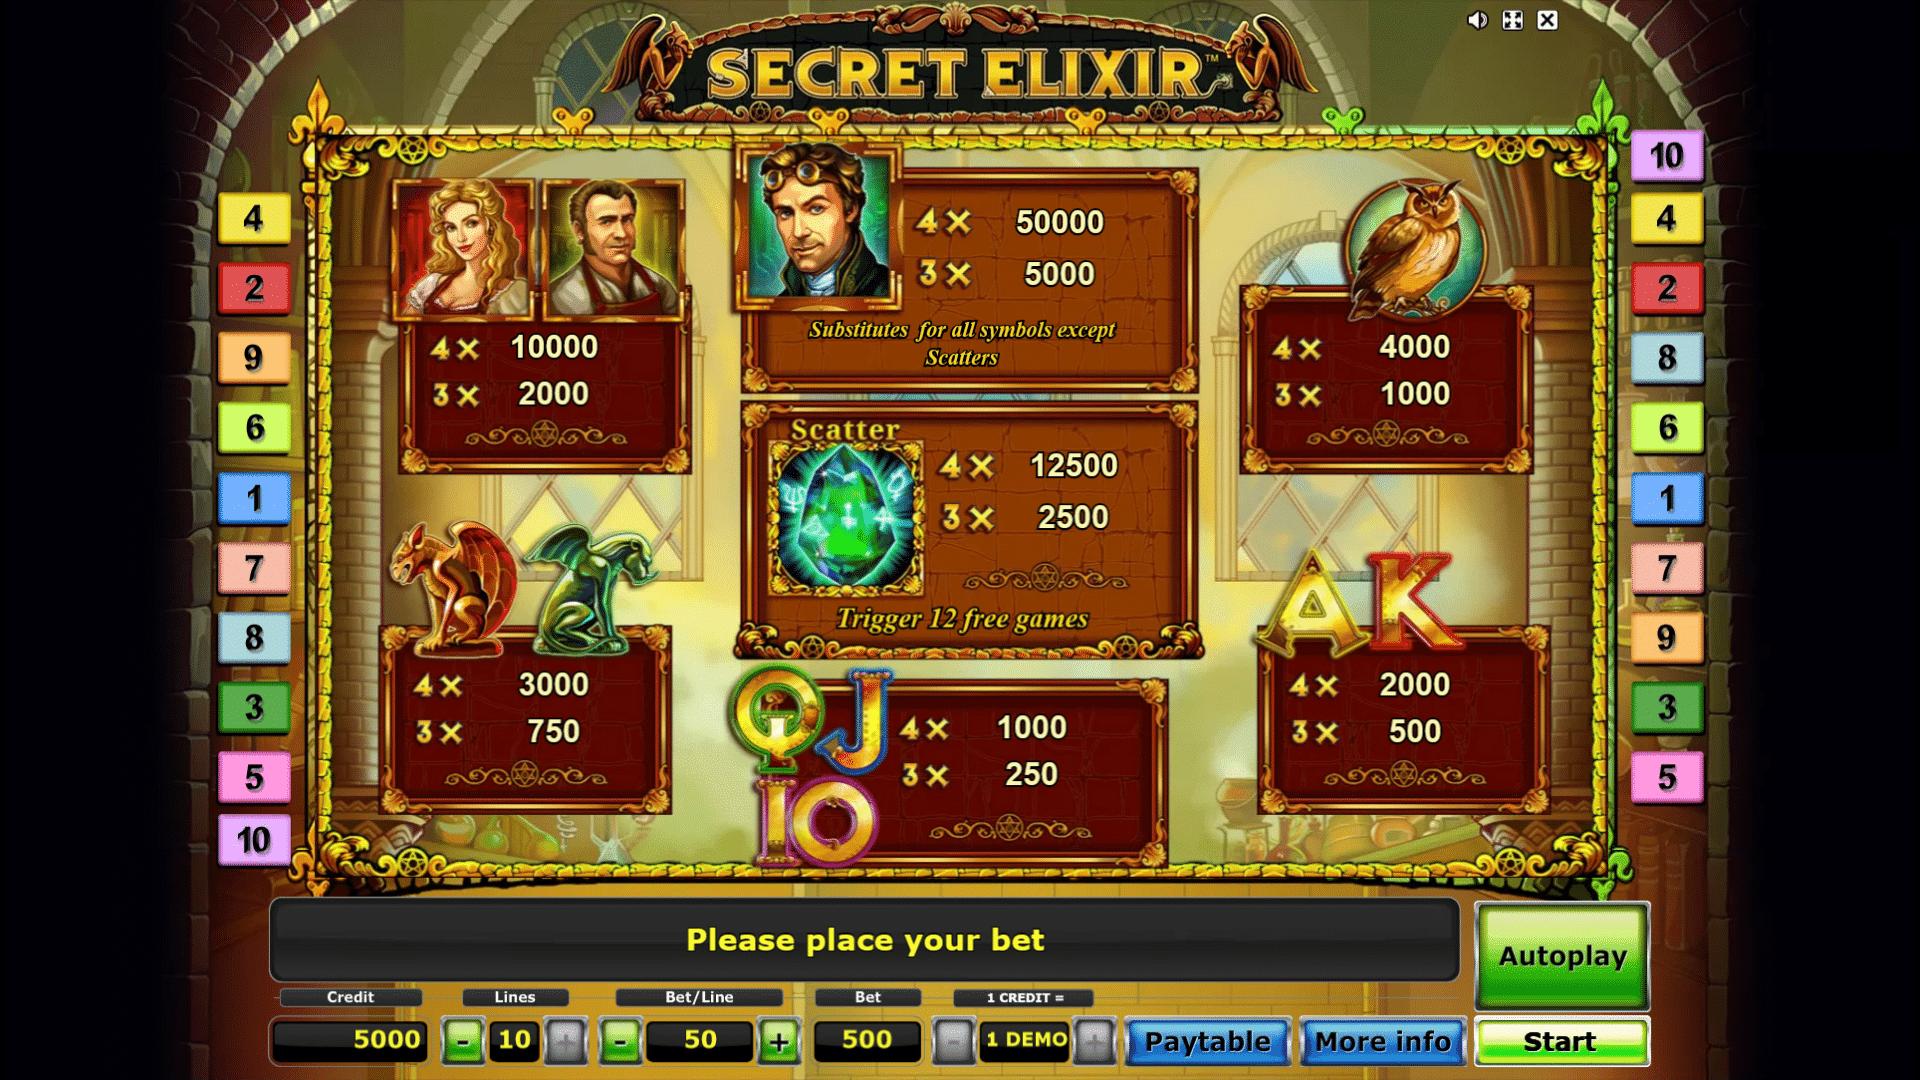 Tabella dei Pagamenti della Slot gratis Secret Elixir